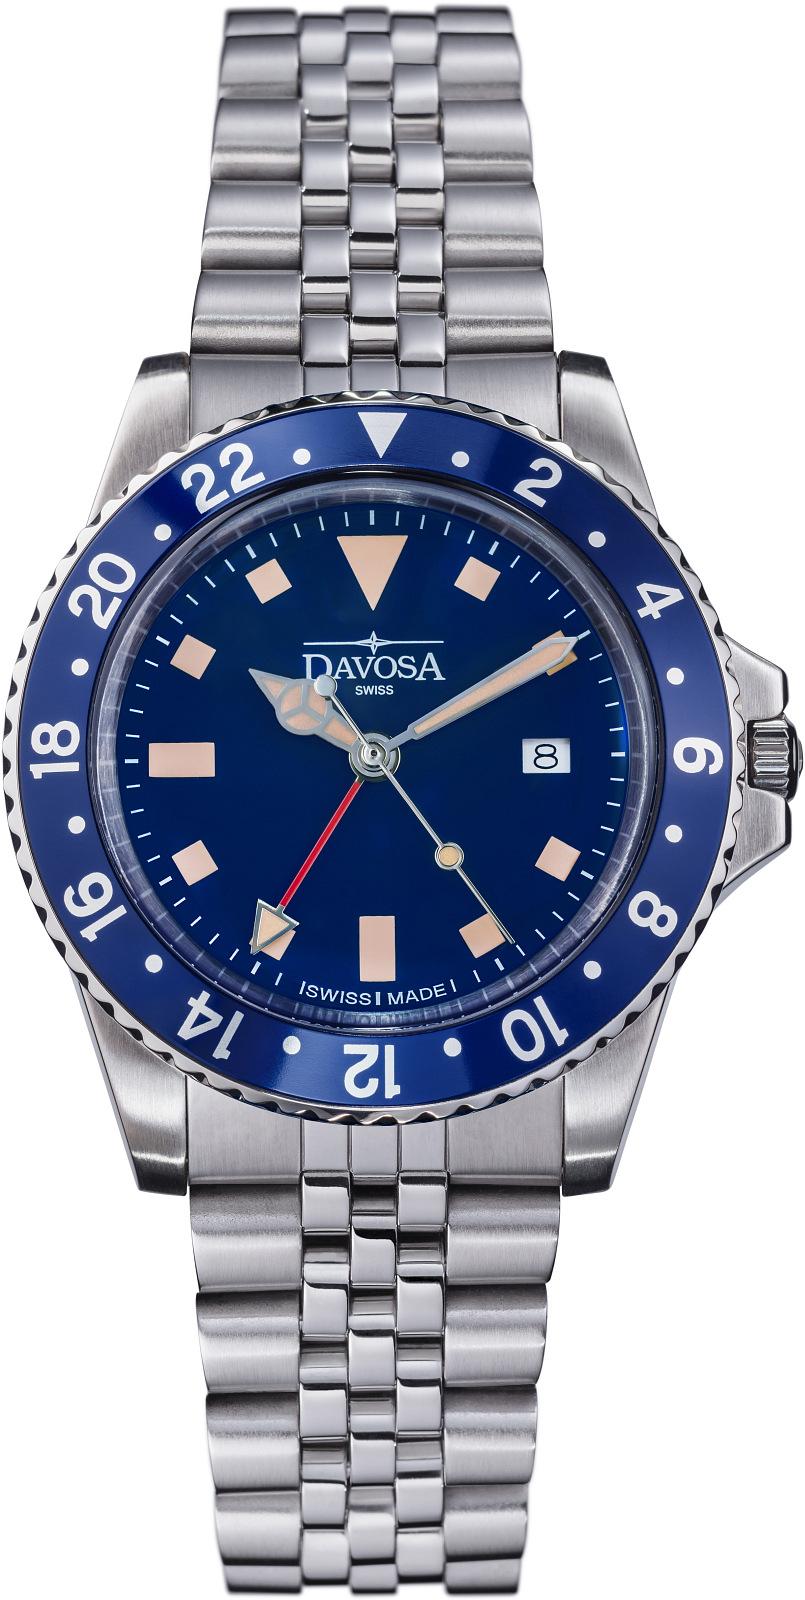 zegarek-meski-davosa-vintage-diver-163-500-40_opis